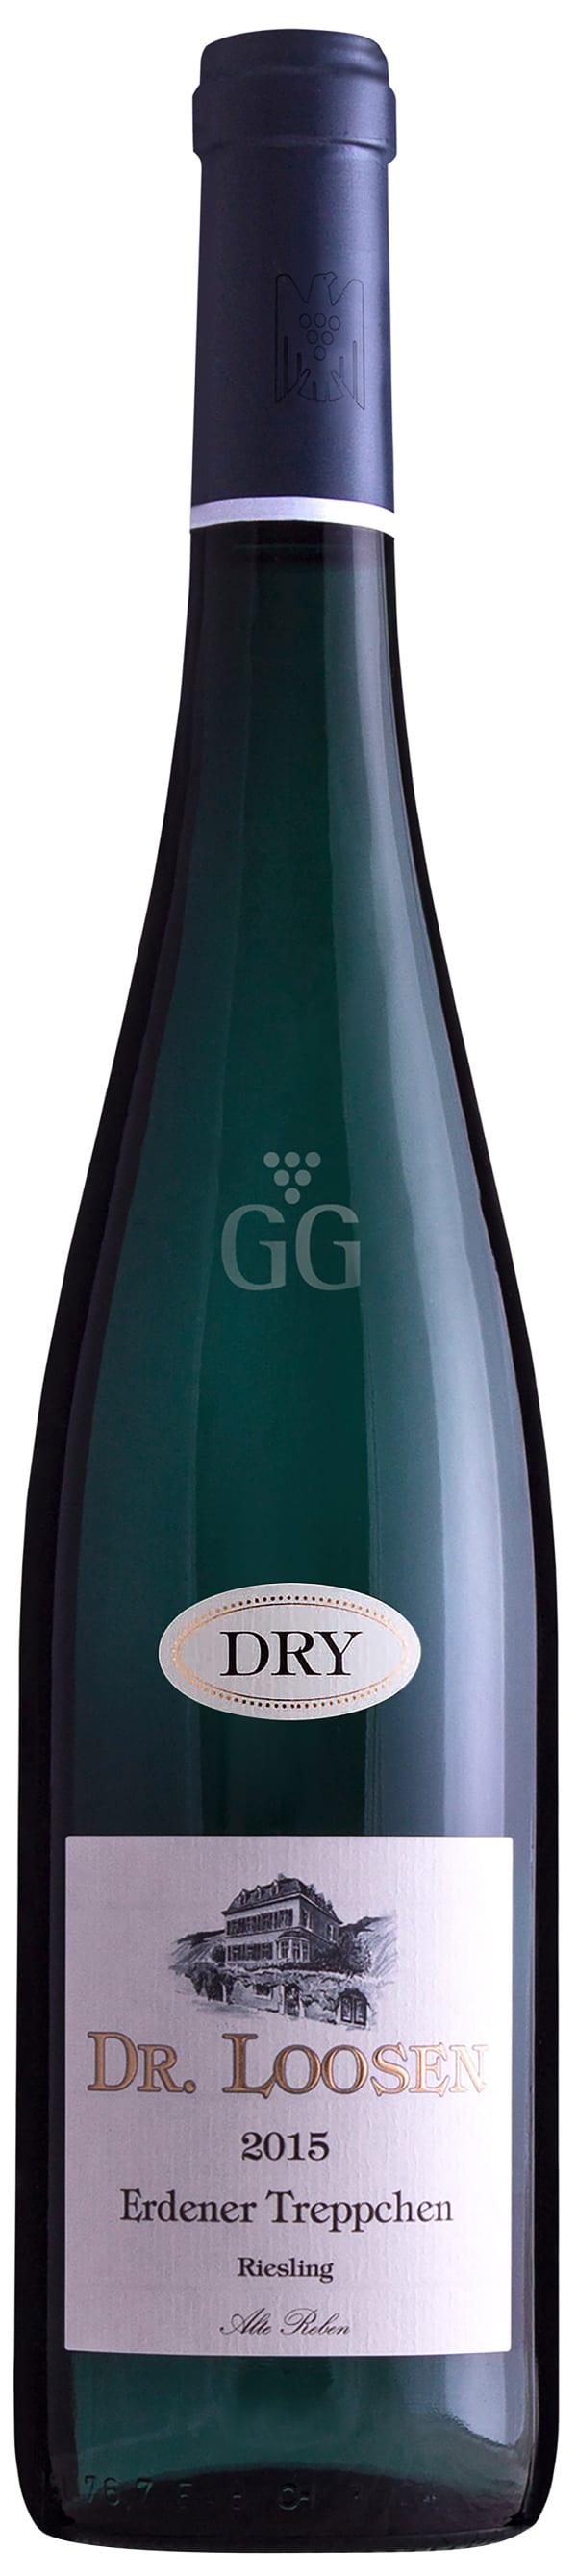 Dr. Loosen Erdener Treppchen Riesling Dry 'Old Vines' GG 2014